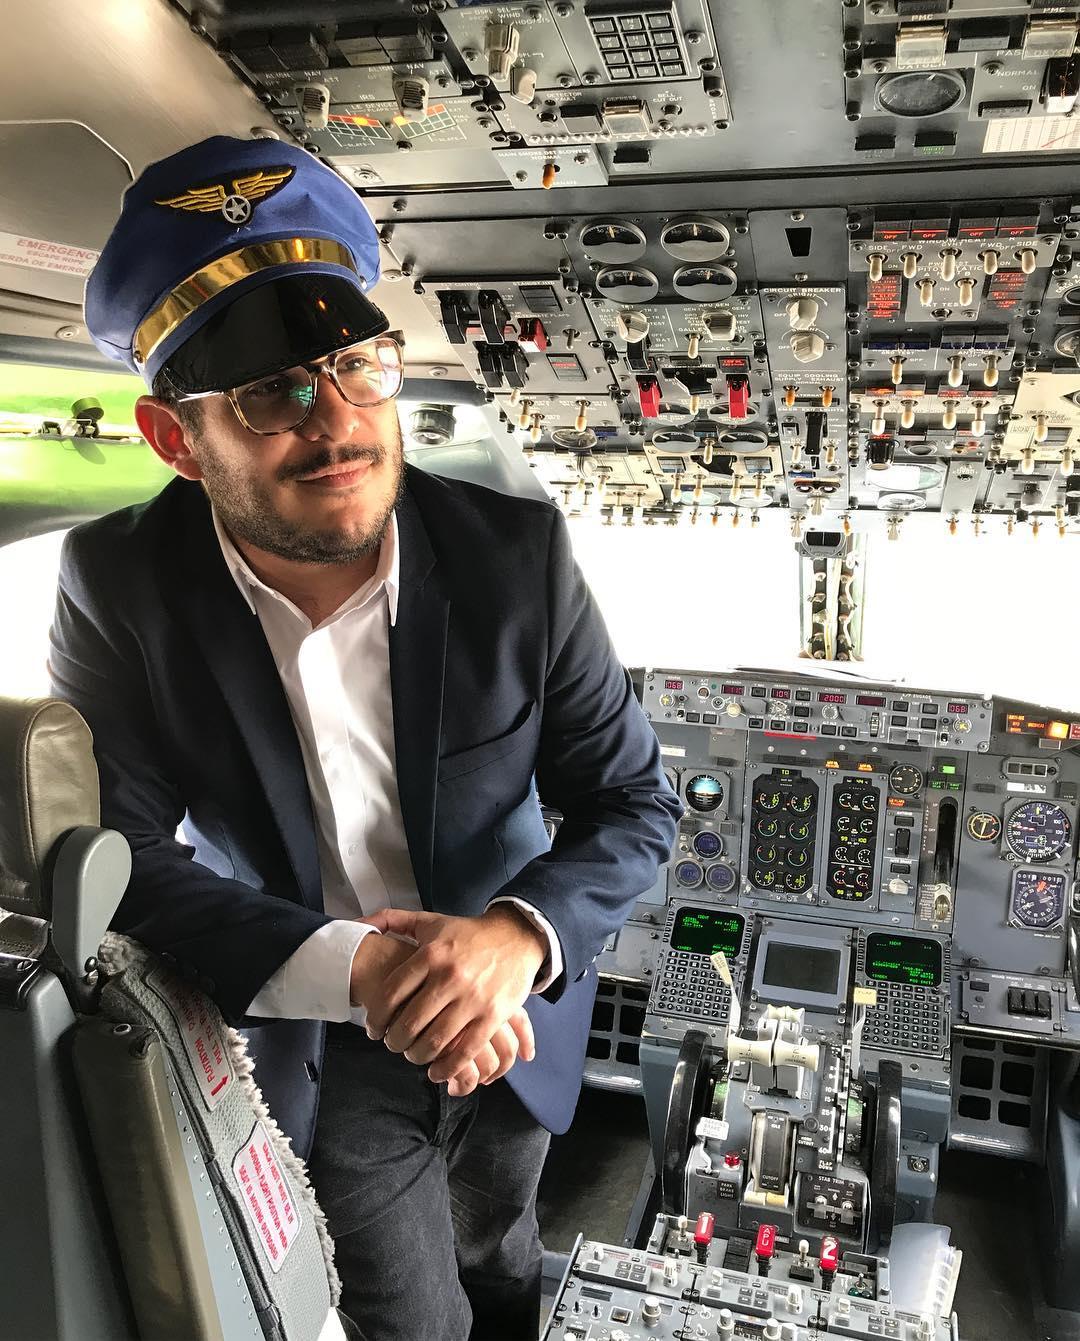 Primera clase no es lo mío. Por eso me compré el avión. #fashionblogger #quebonitoseryo #cementazo #gvlifestyle